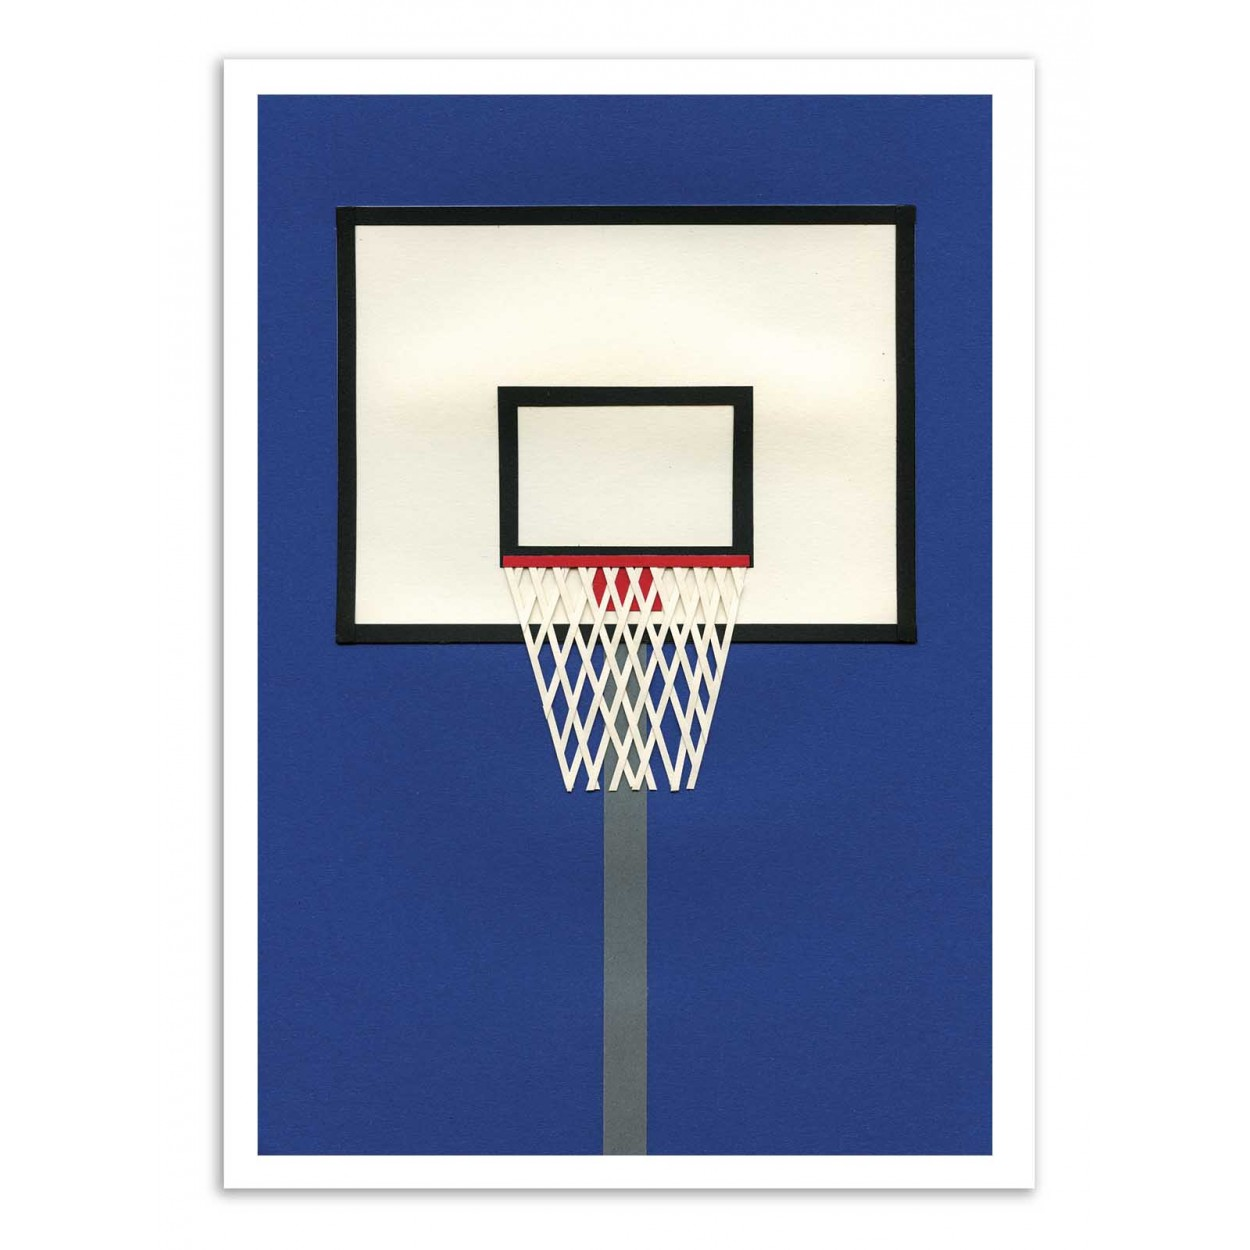 OAKLAND BASKETBALL TEAM -  Affiche d'art 50 x 70 cm